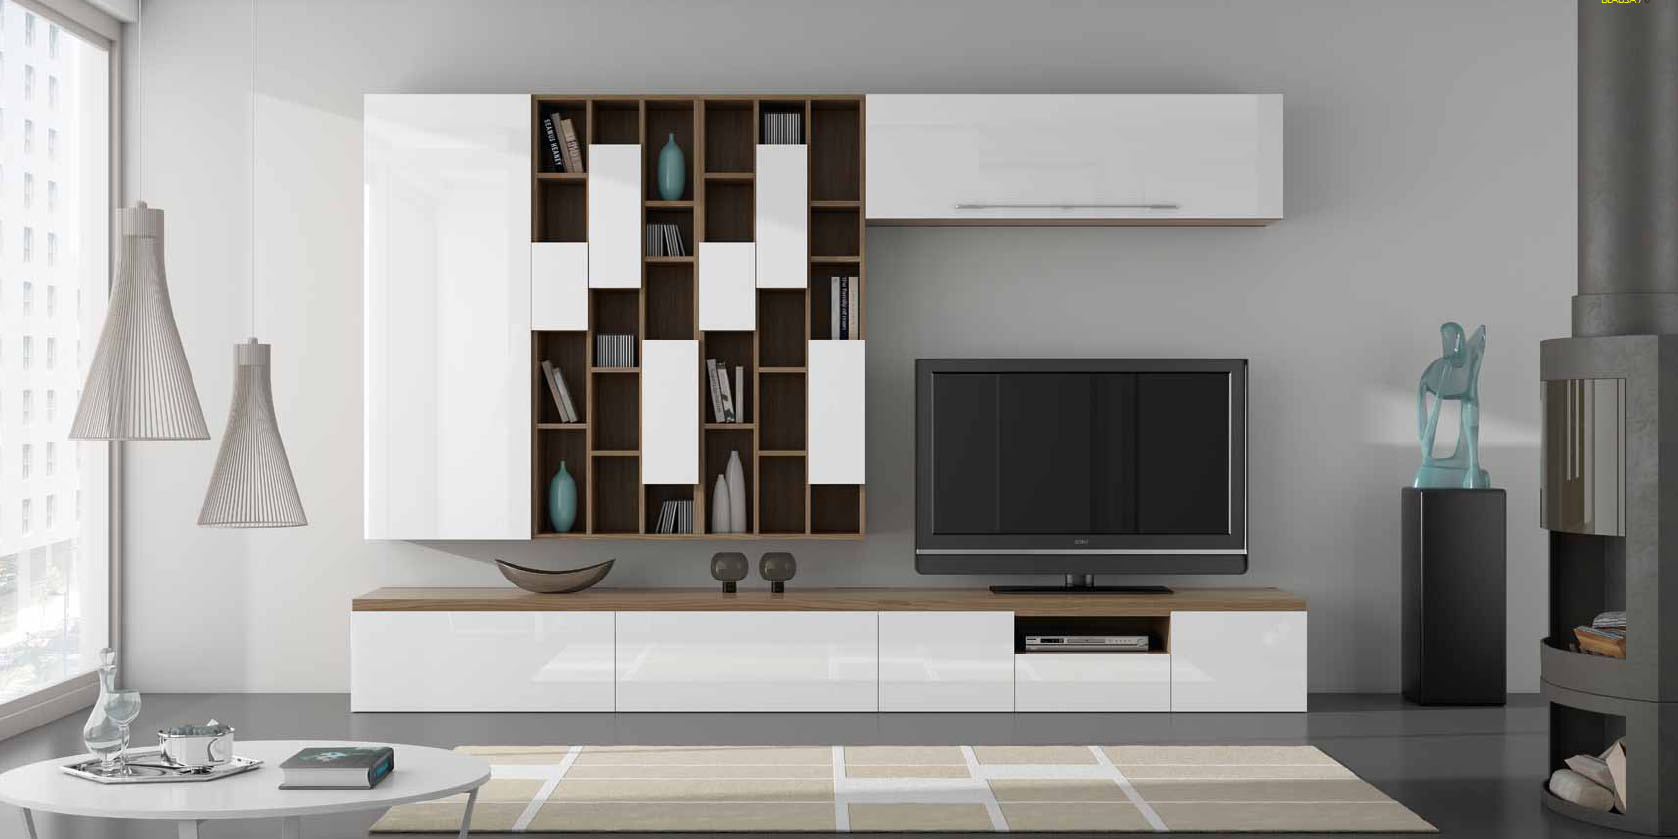 Salones con muebles lacados en blanco y madera villalba for Mueble salon blanco y nogal